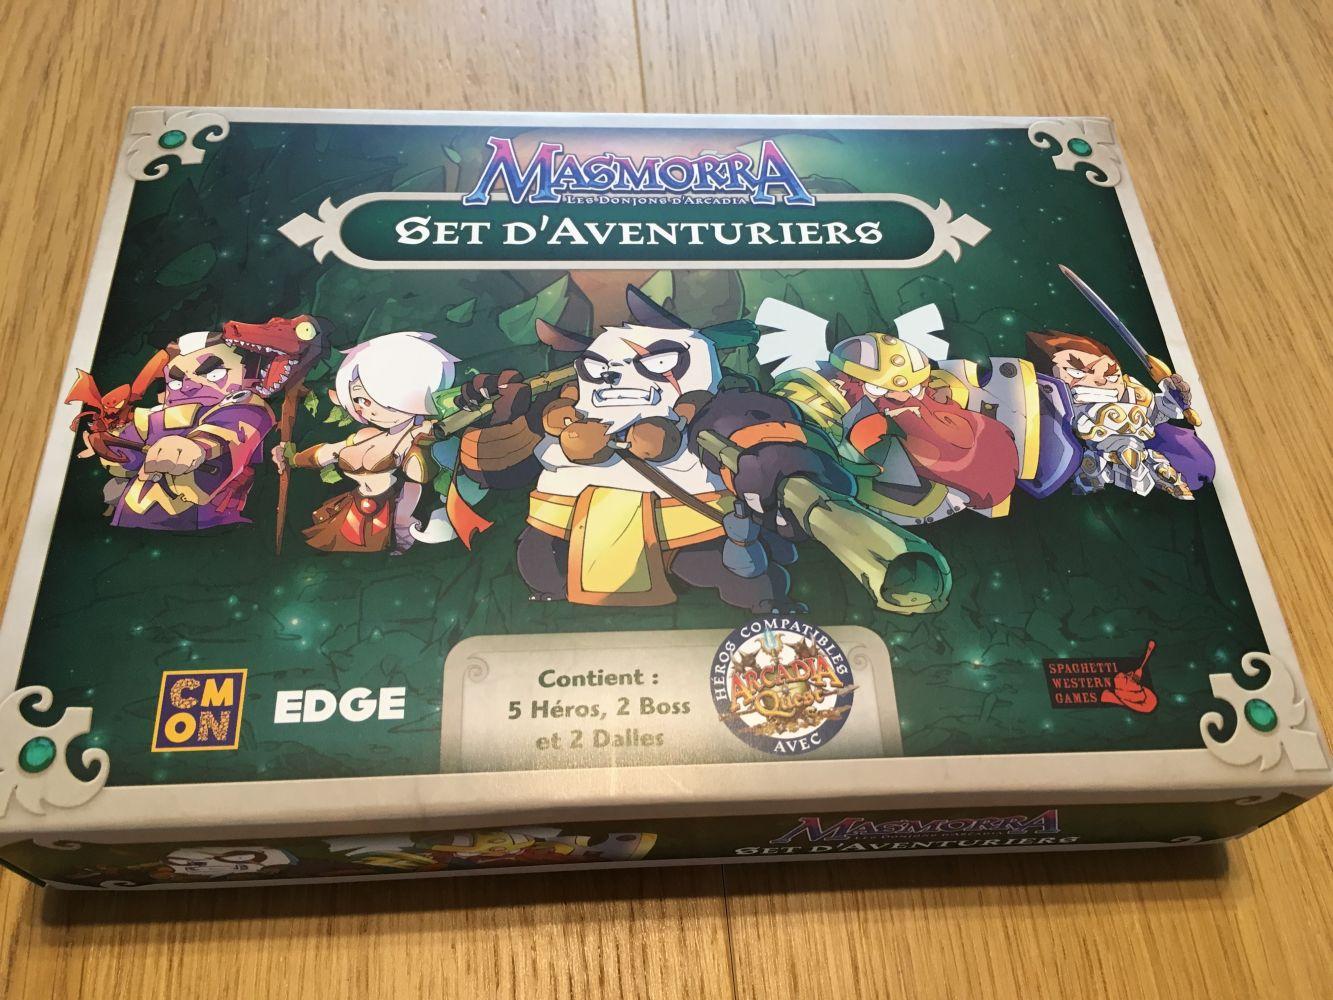 La boite du set d'Aventuriers pour Masmorra